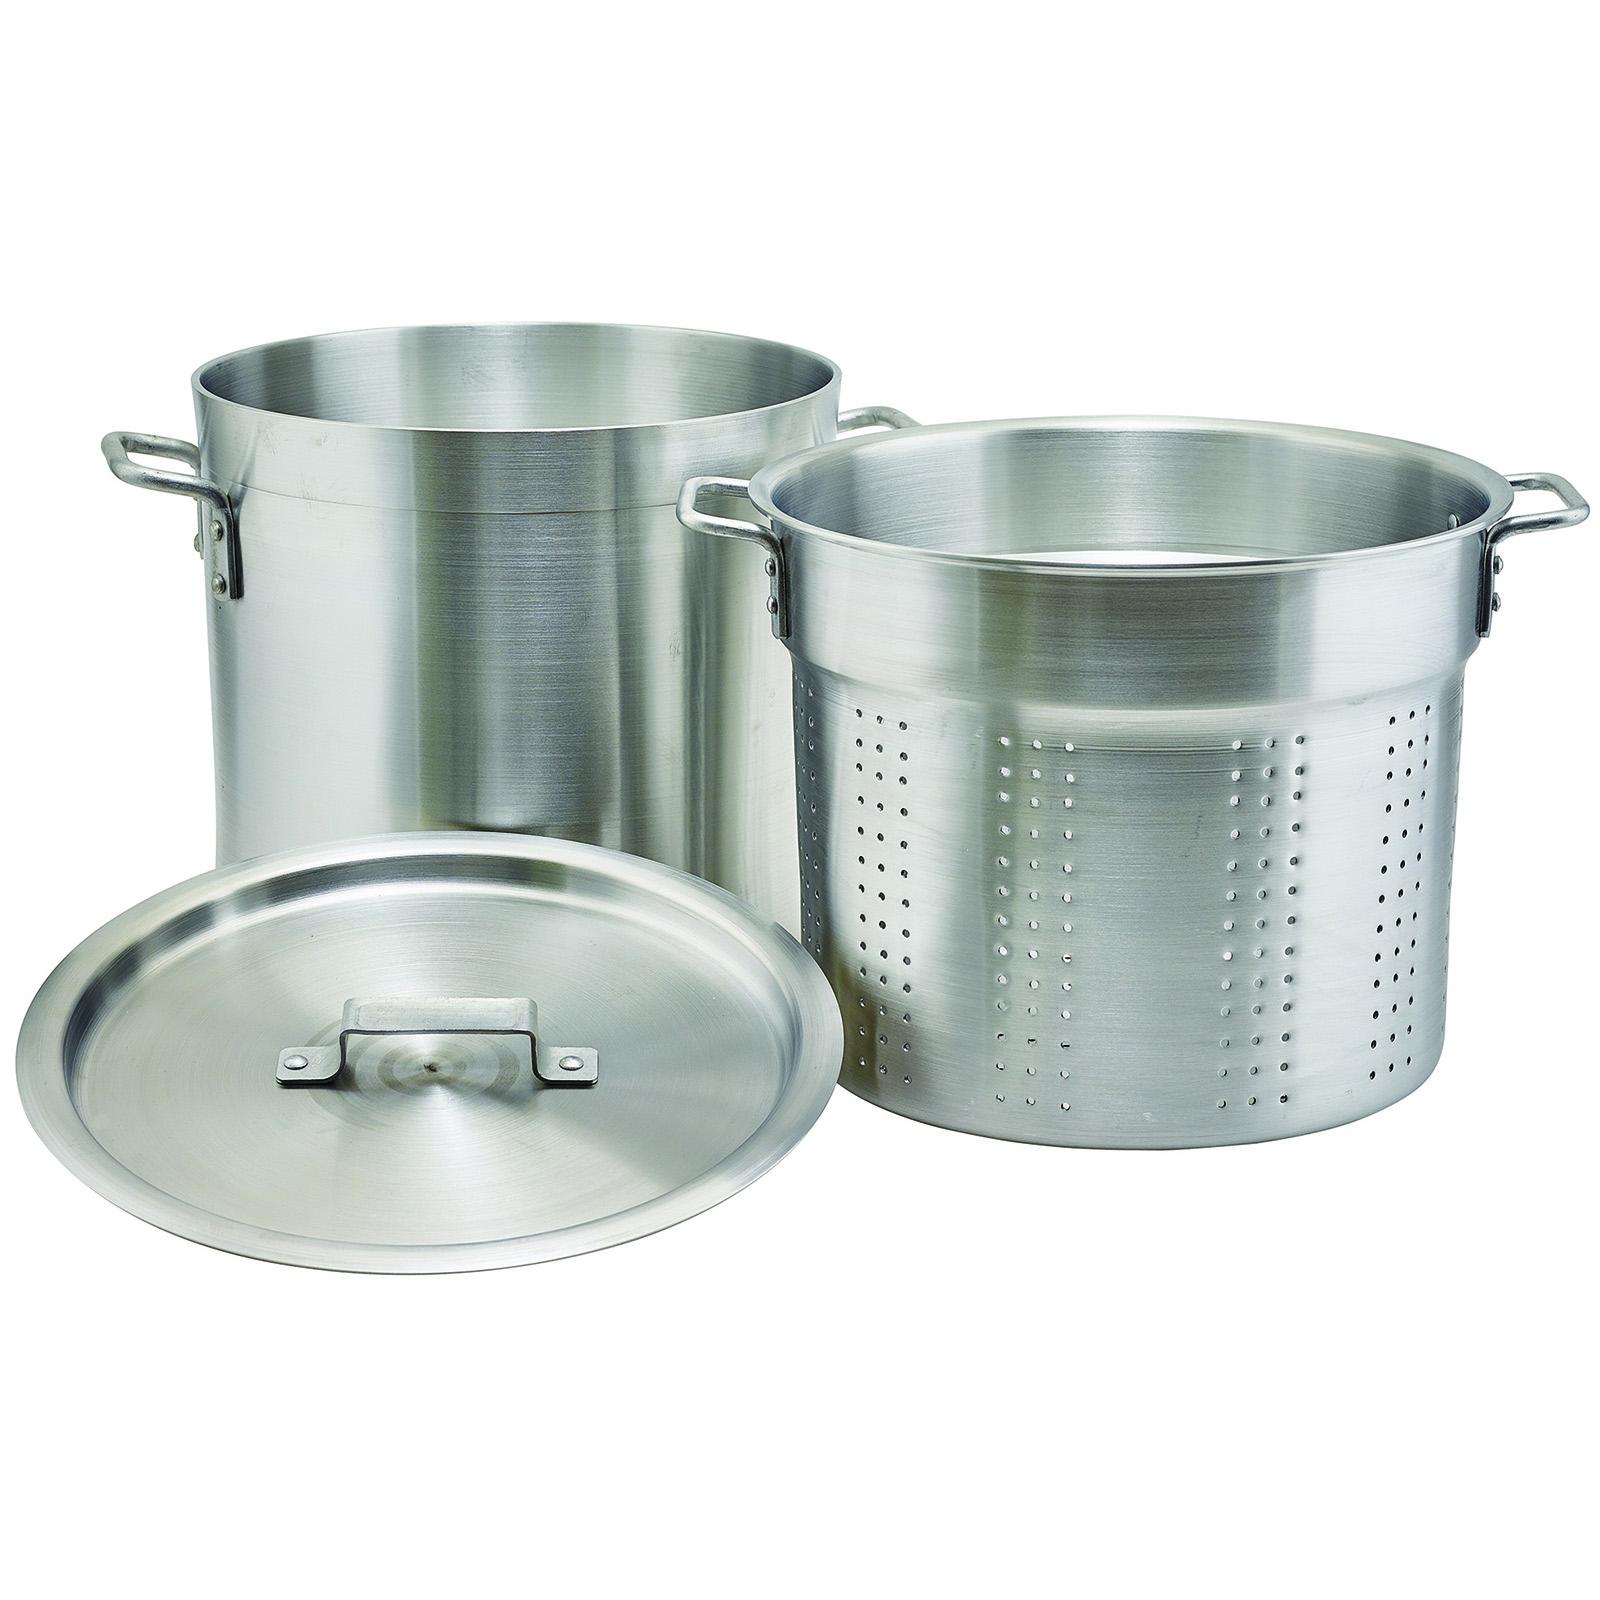 1000-54 Winco ALDB-20S double boiler